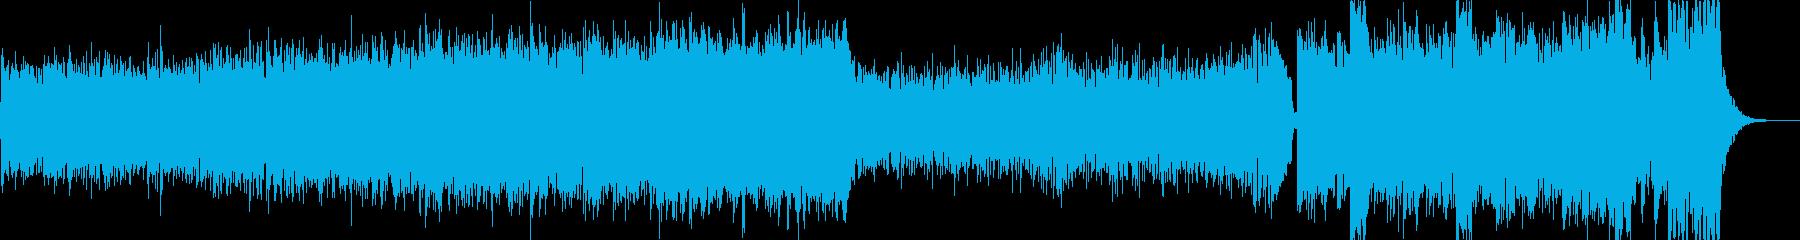 【劇伴】サスペンスアクション系BGMの再生済みの波形